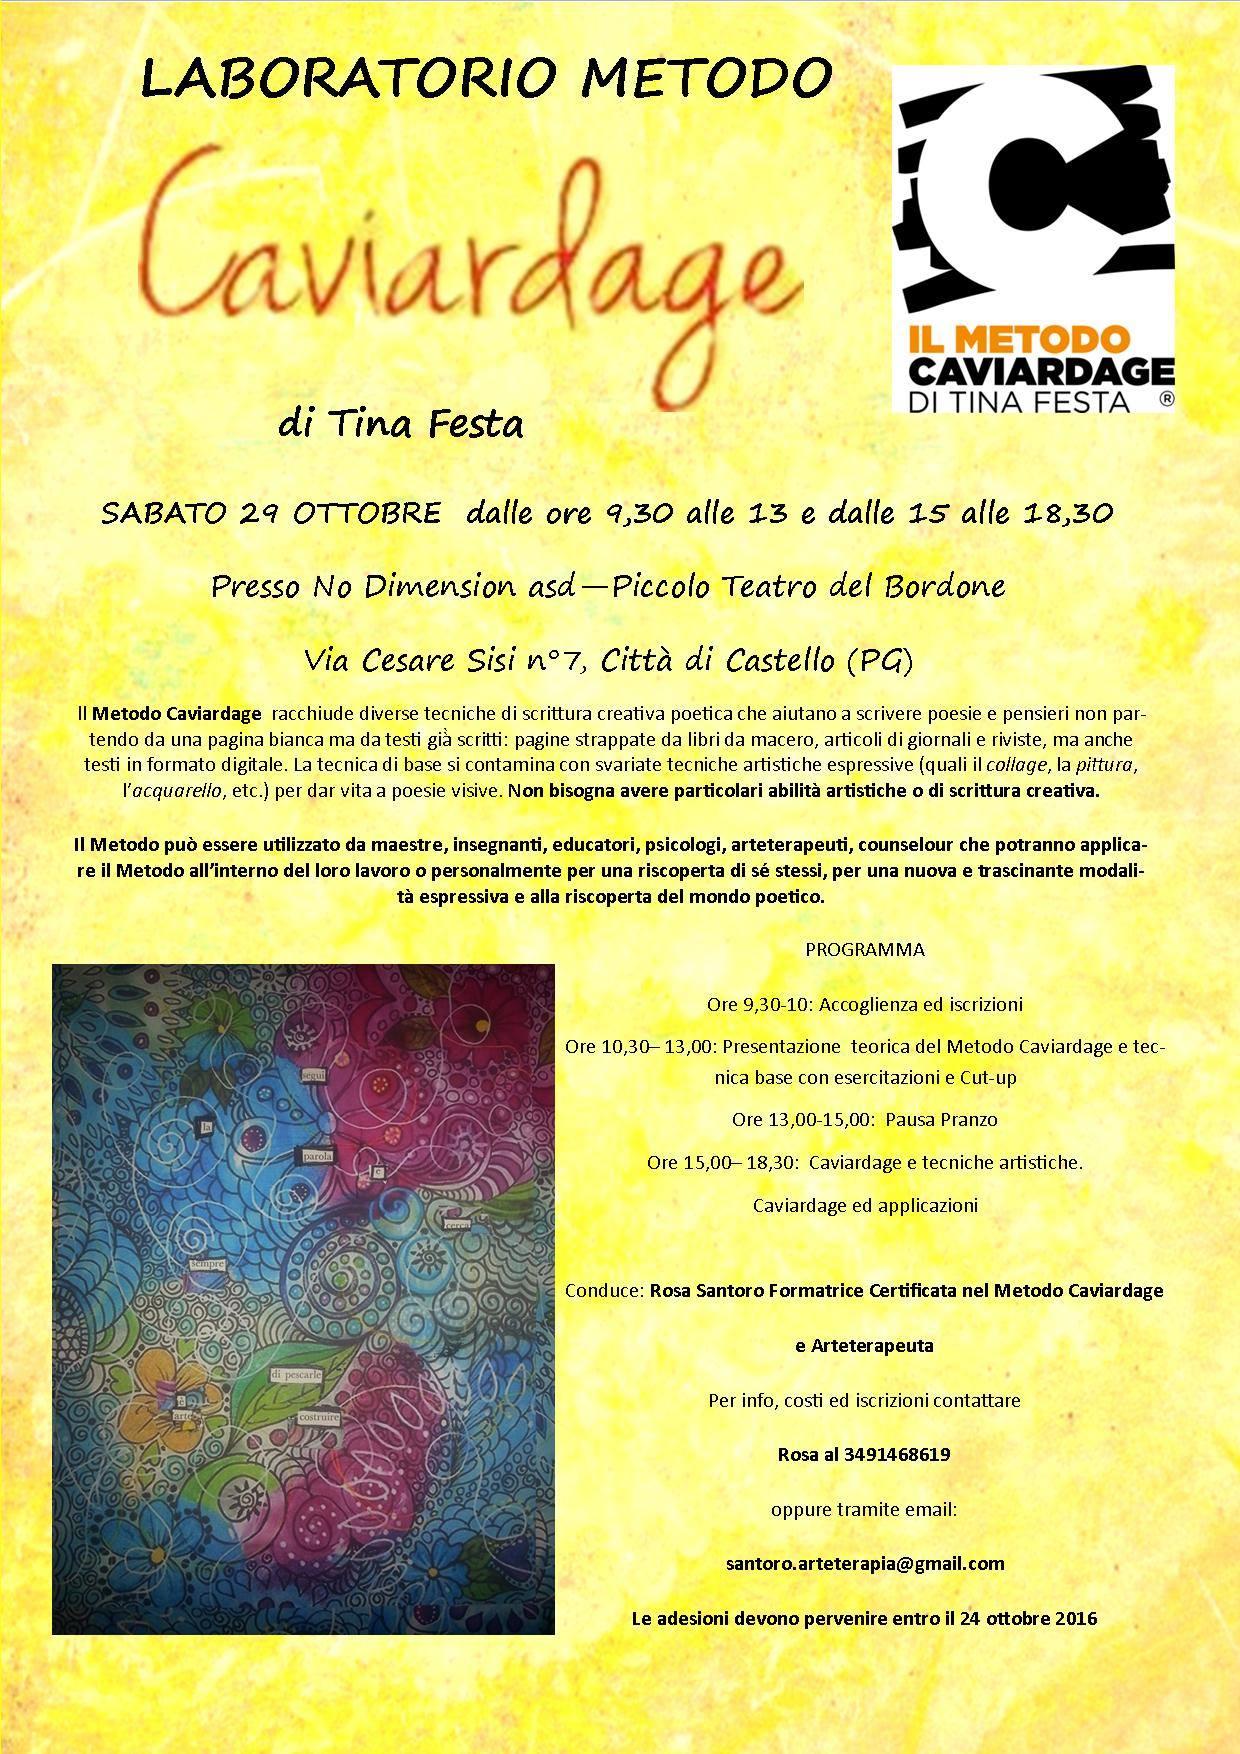 Laboratorio di Caviardage condotto da Rosa Santoro – 29 Ottobre  – Città di Castello